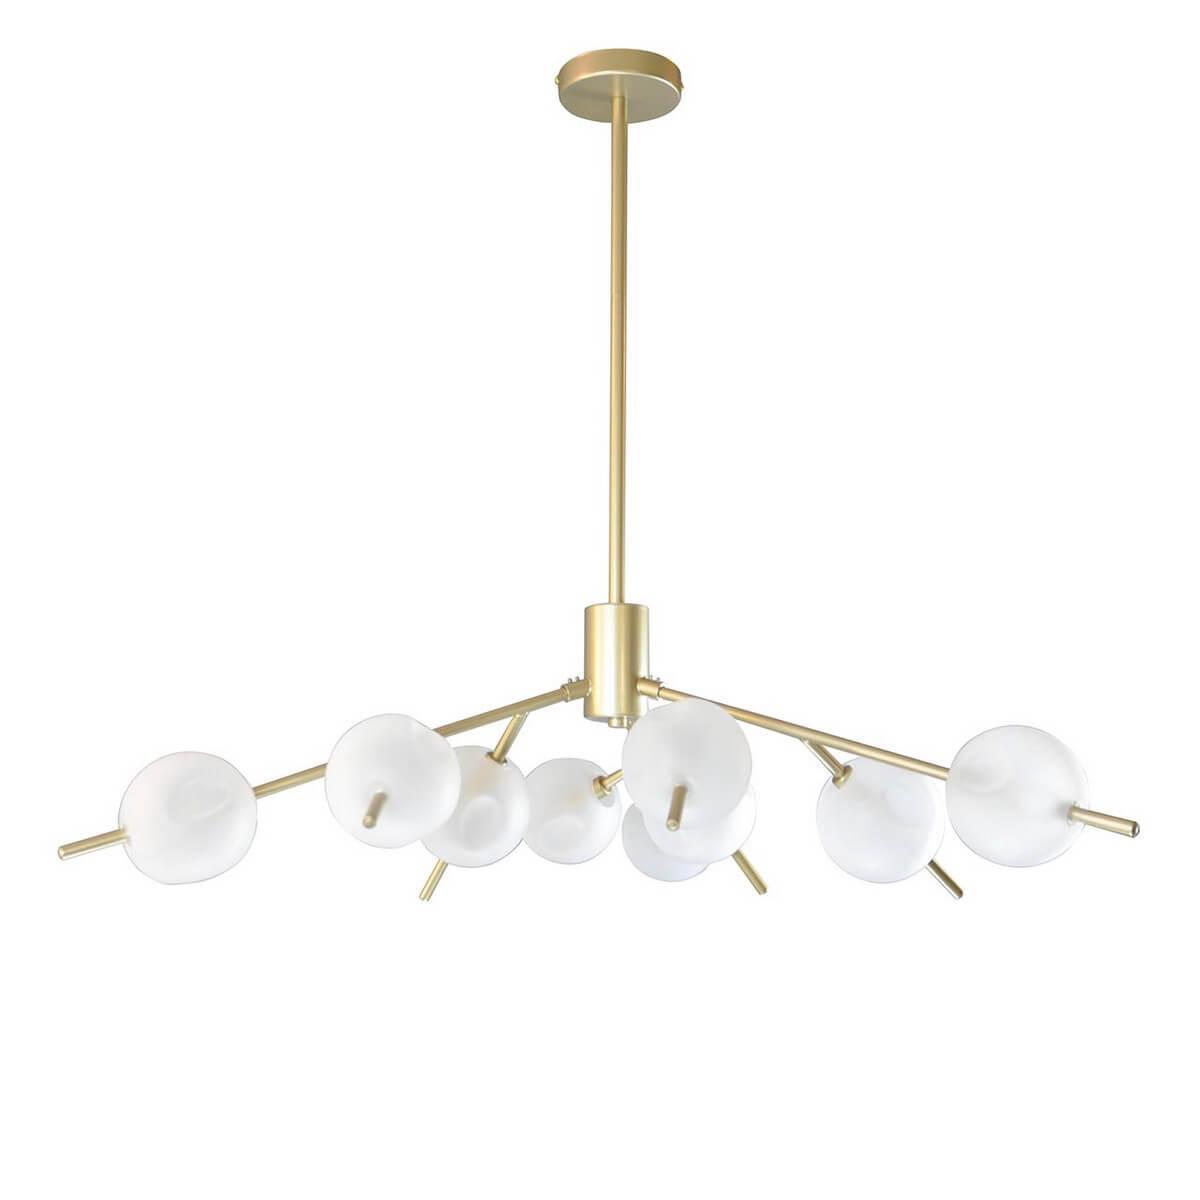 цена на Потолочный светильник Kink Light 07544-9,33, G9, 5 Вт